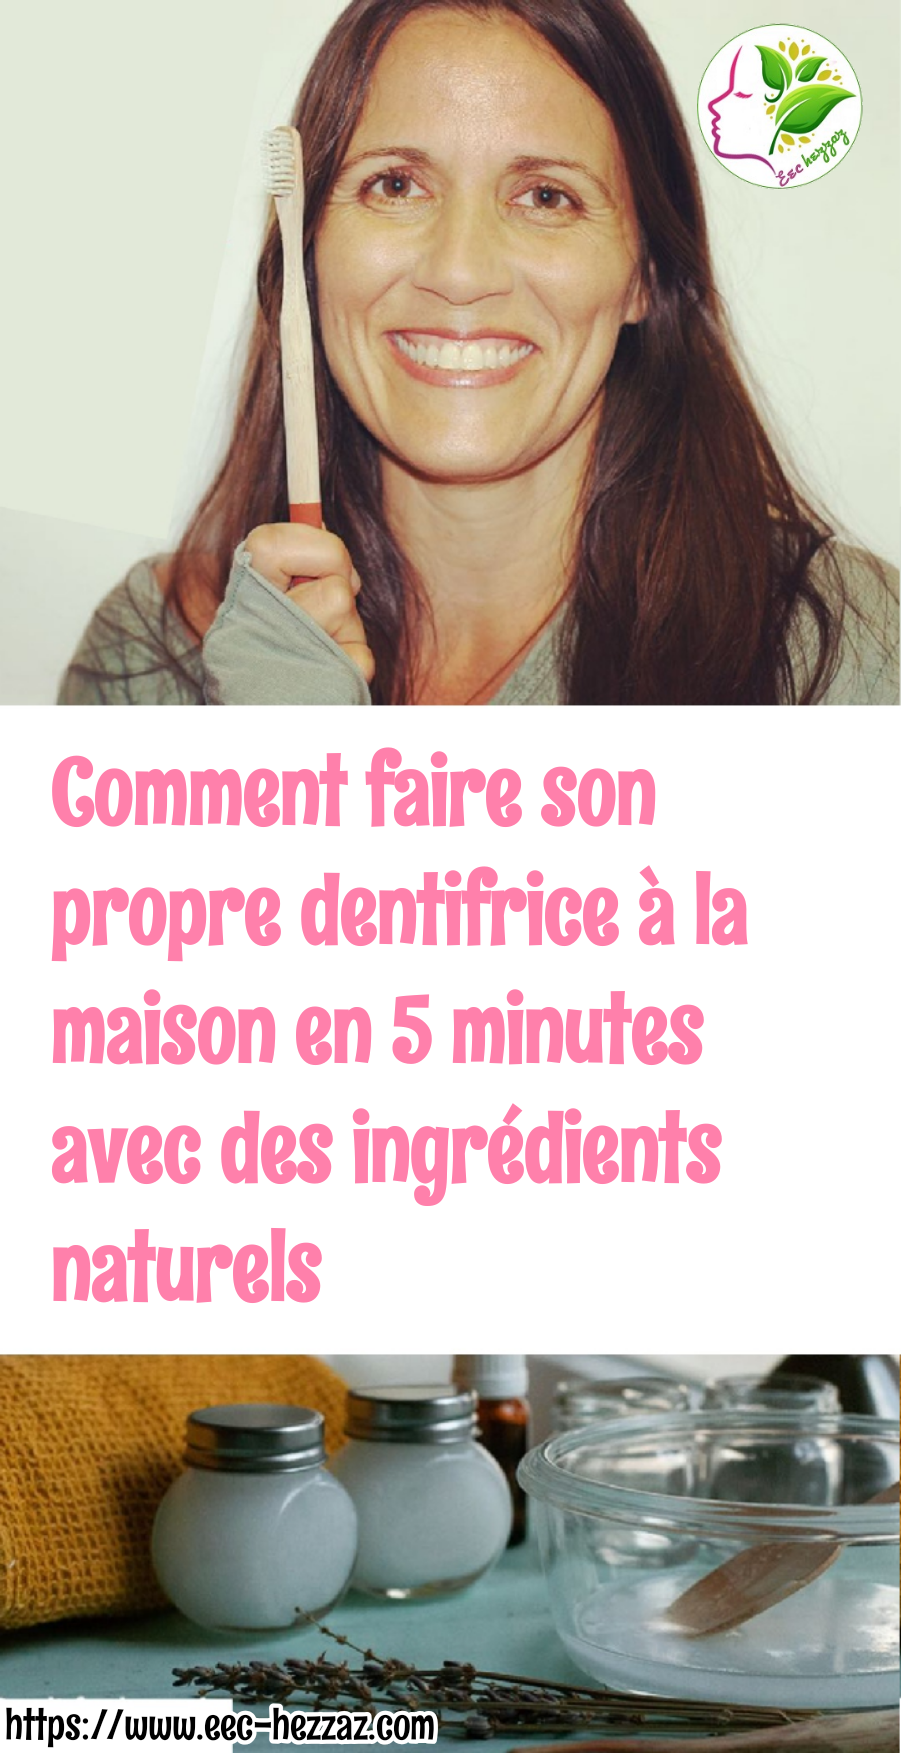 Comment faire son propre dentifrice à la maison en 5 minutes avec des ingrédients naturels